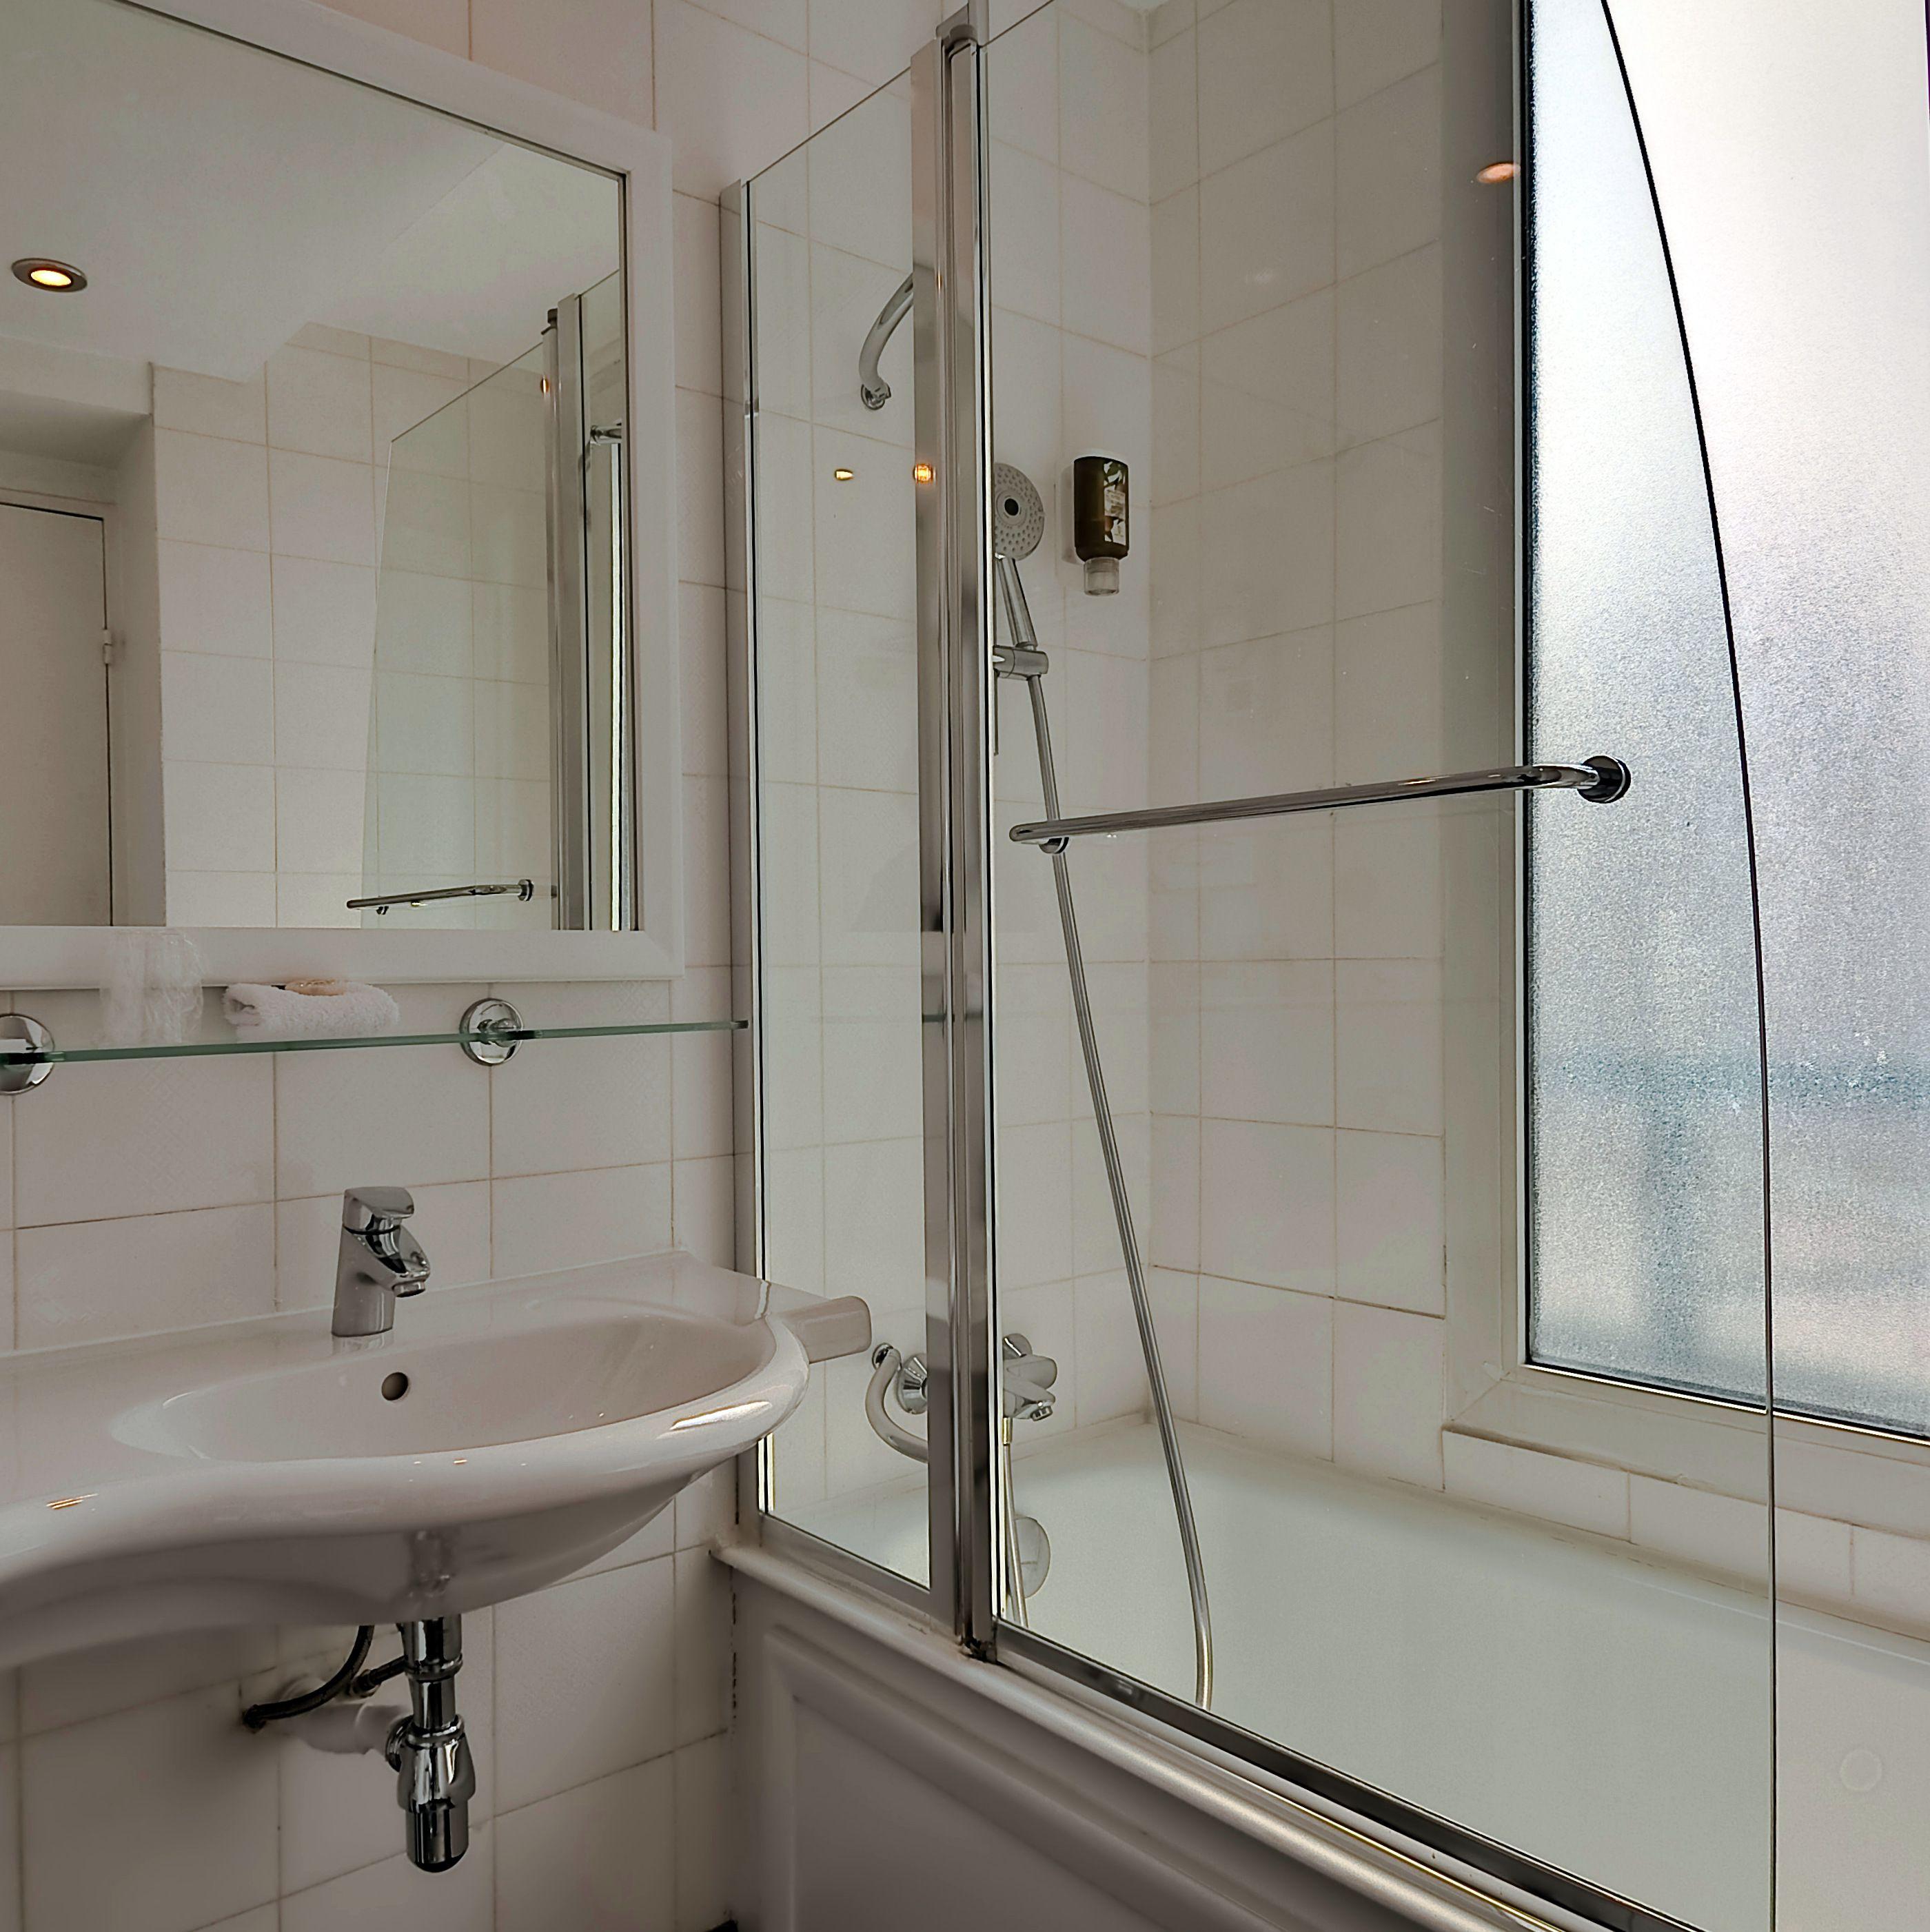 Les chambres supérieures ont de grandes salles de bain avec s¨che